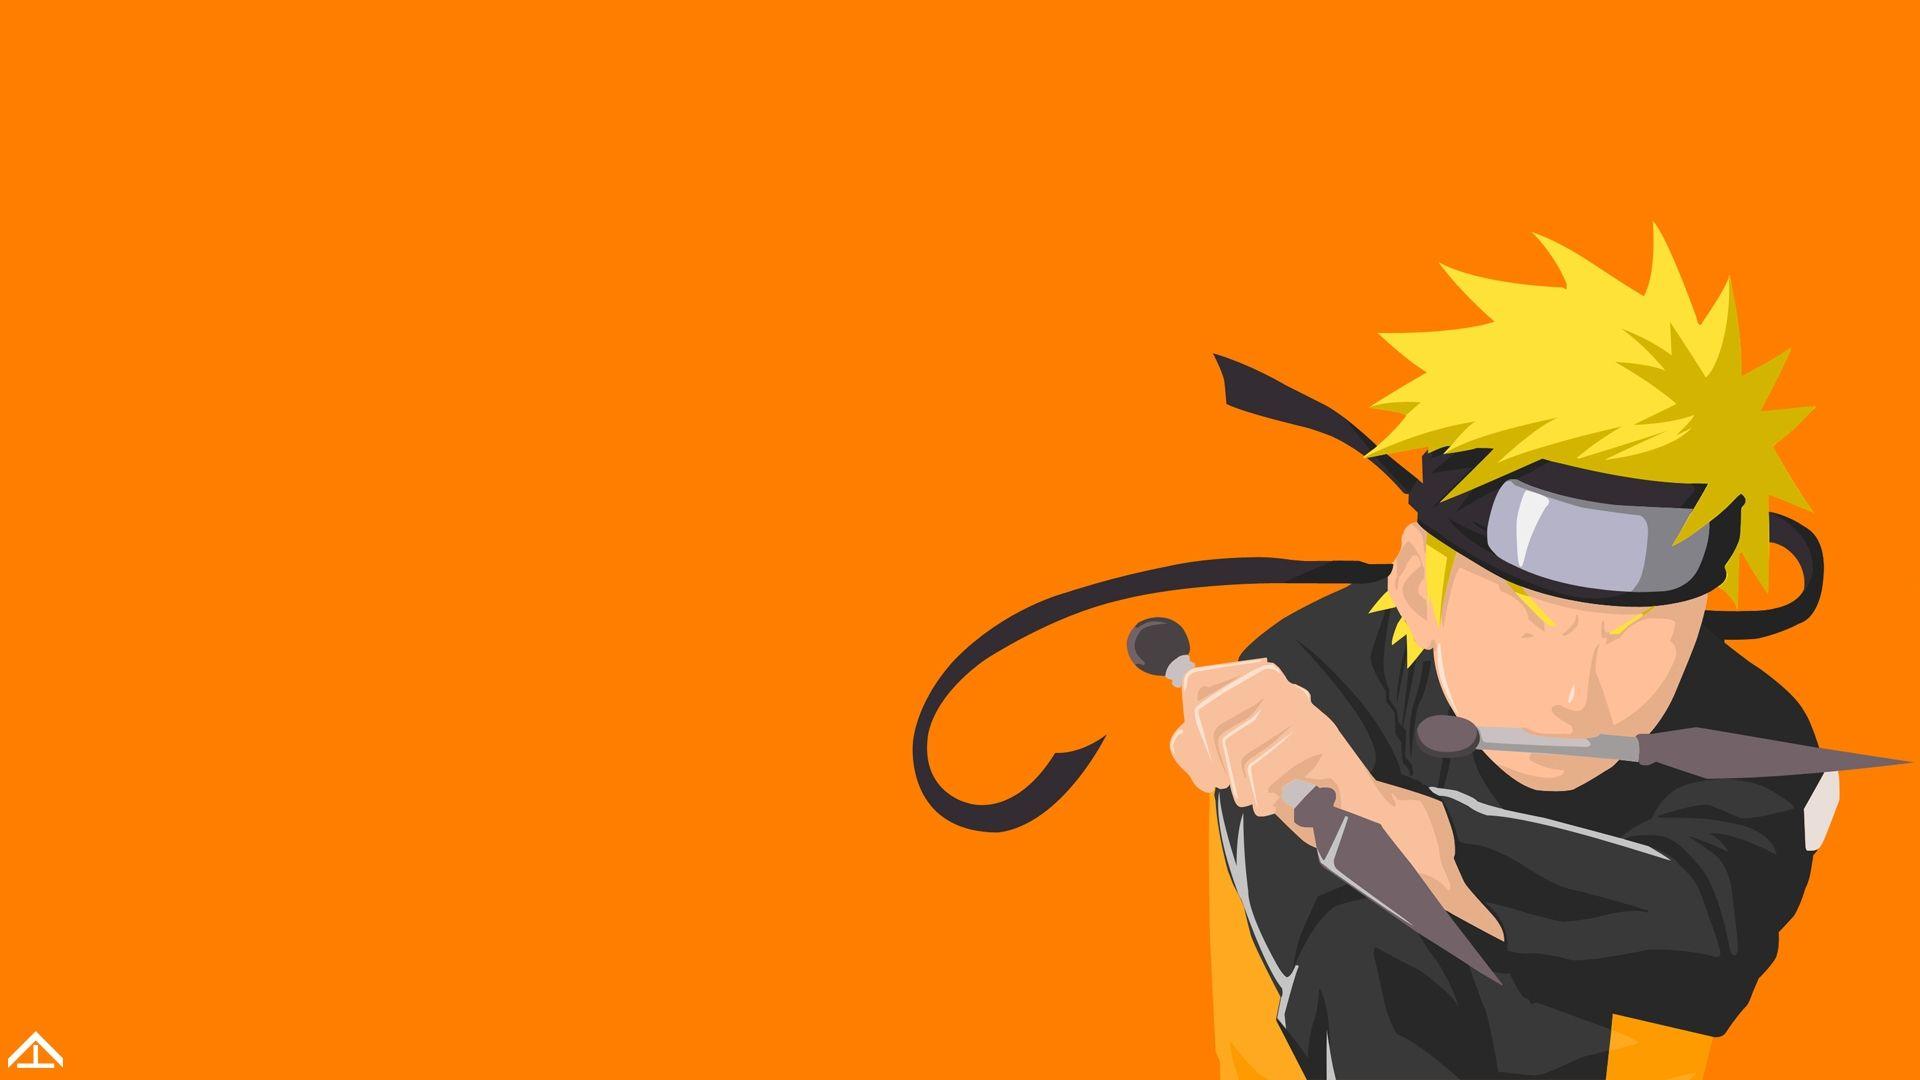 Naruto Minimalist, HD Wallpaper